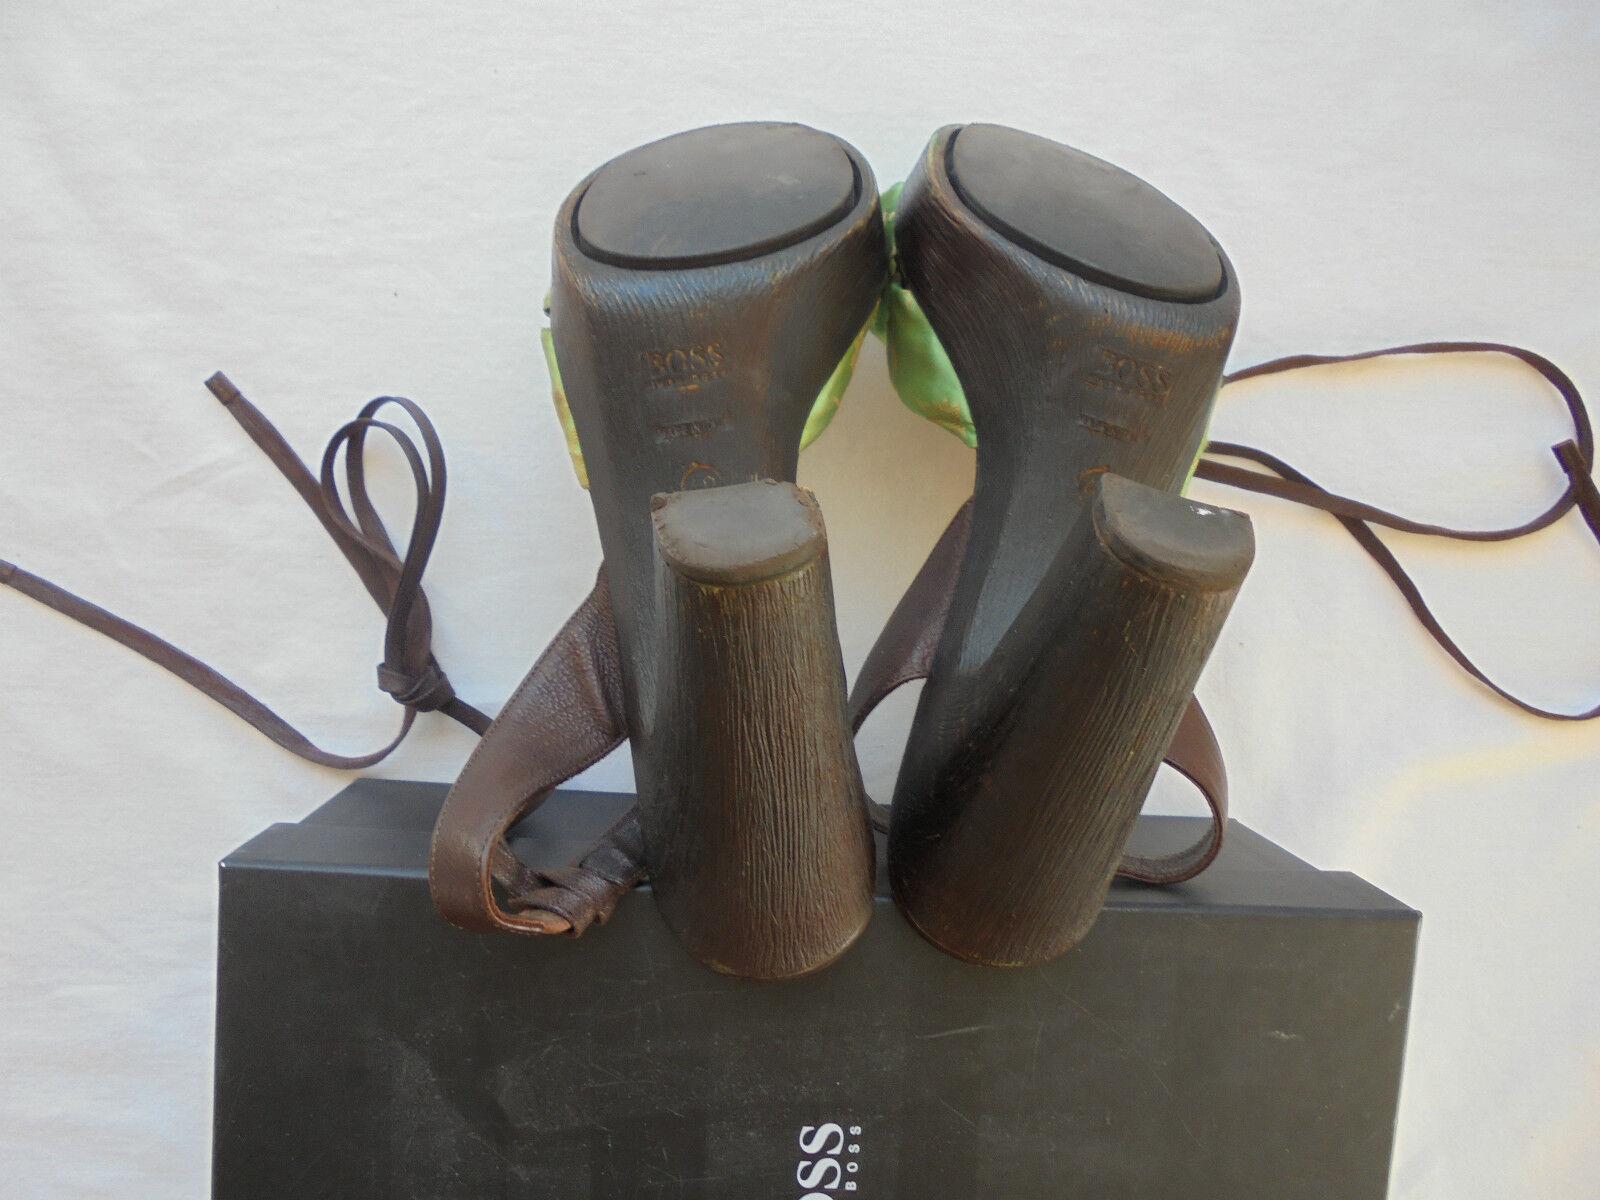 Hugo Boss Leder Seide High Heels NP: Schuhe  TOP Clogs Sandalen Schuhe NP: Pumps Gr. 40 be668d